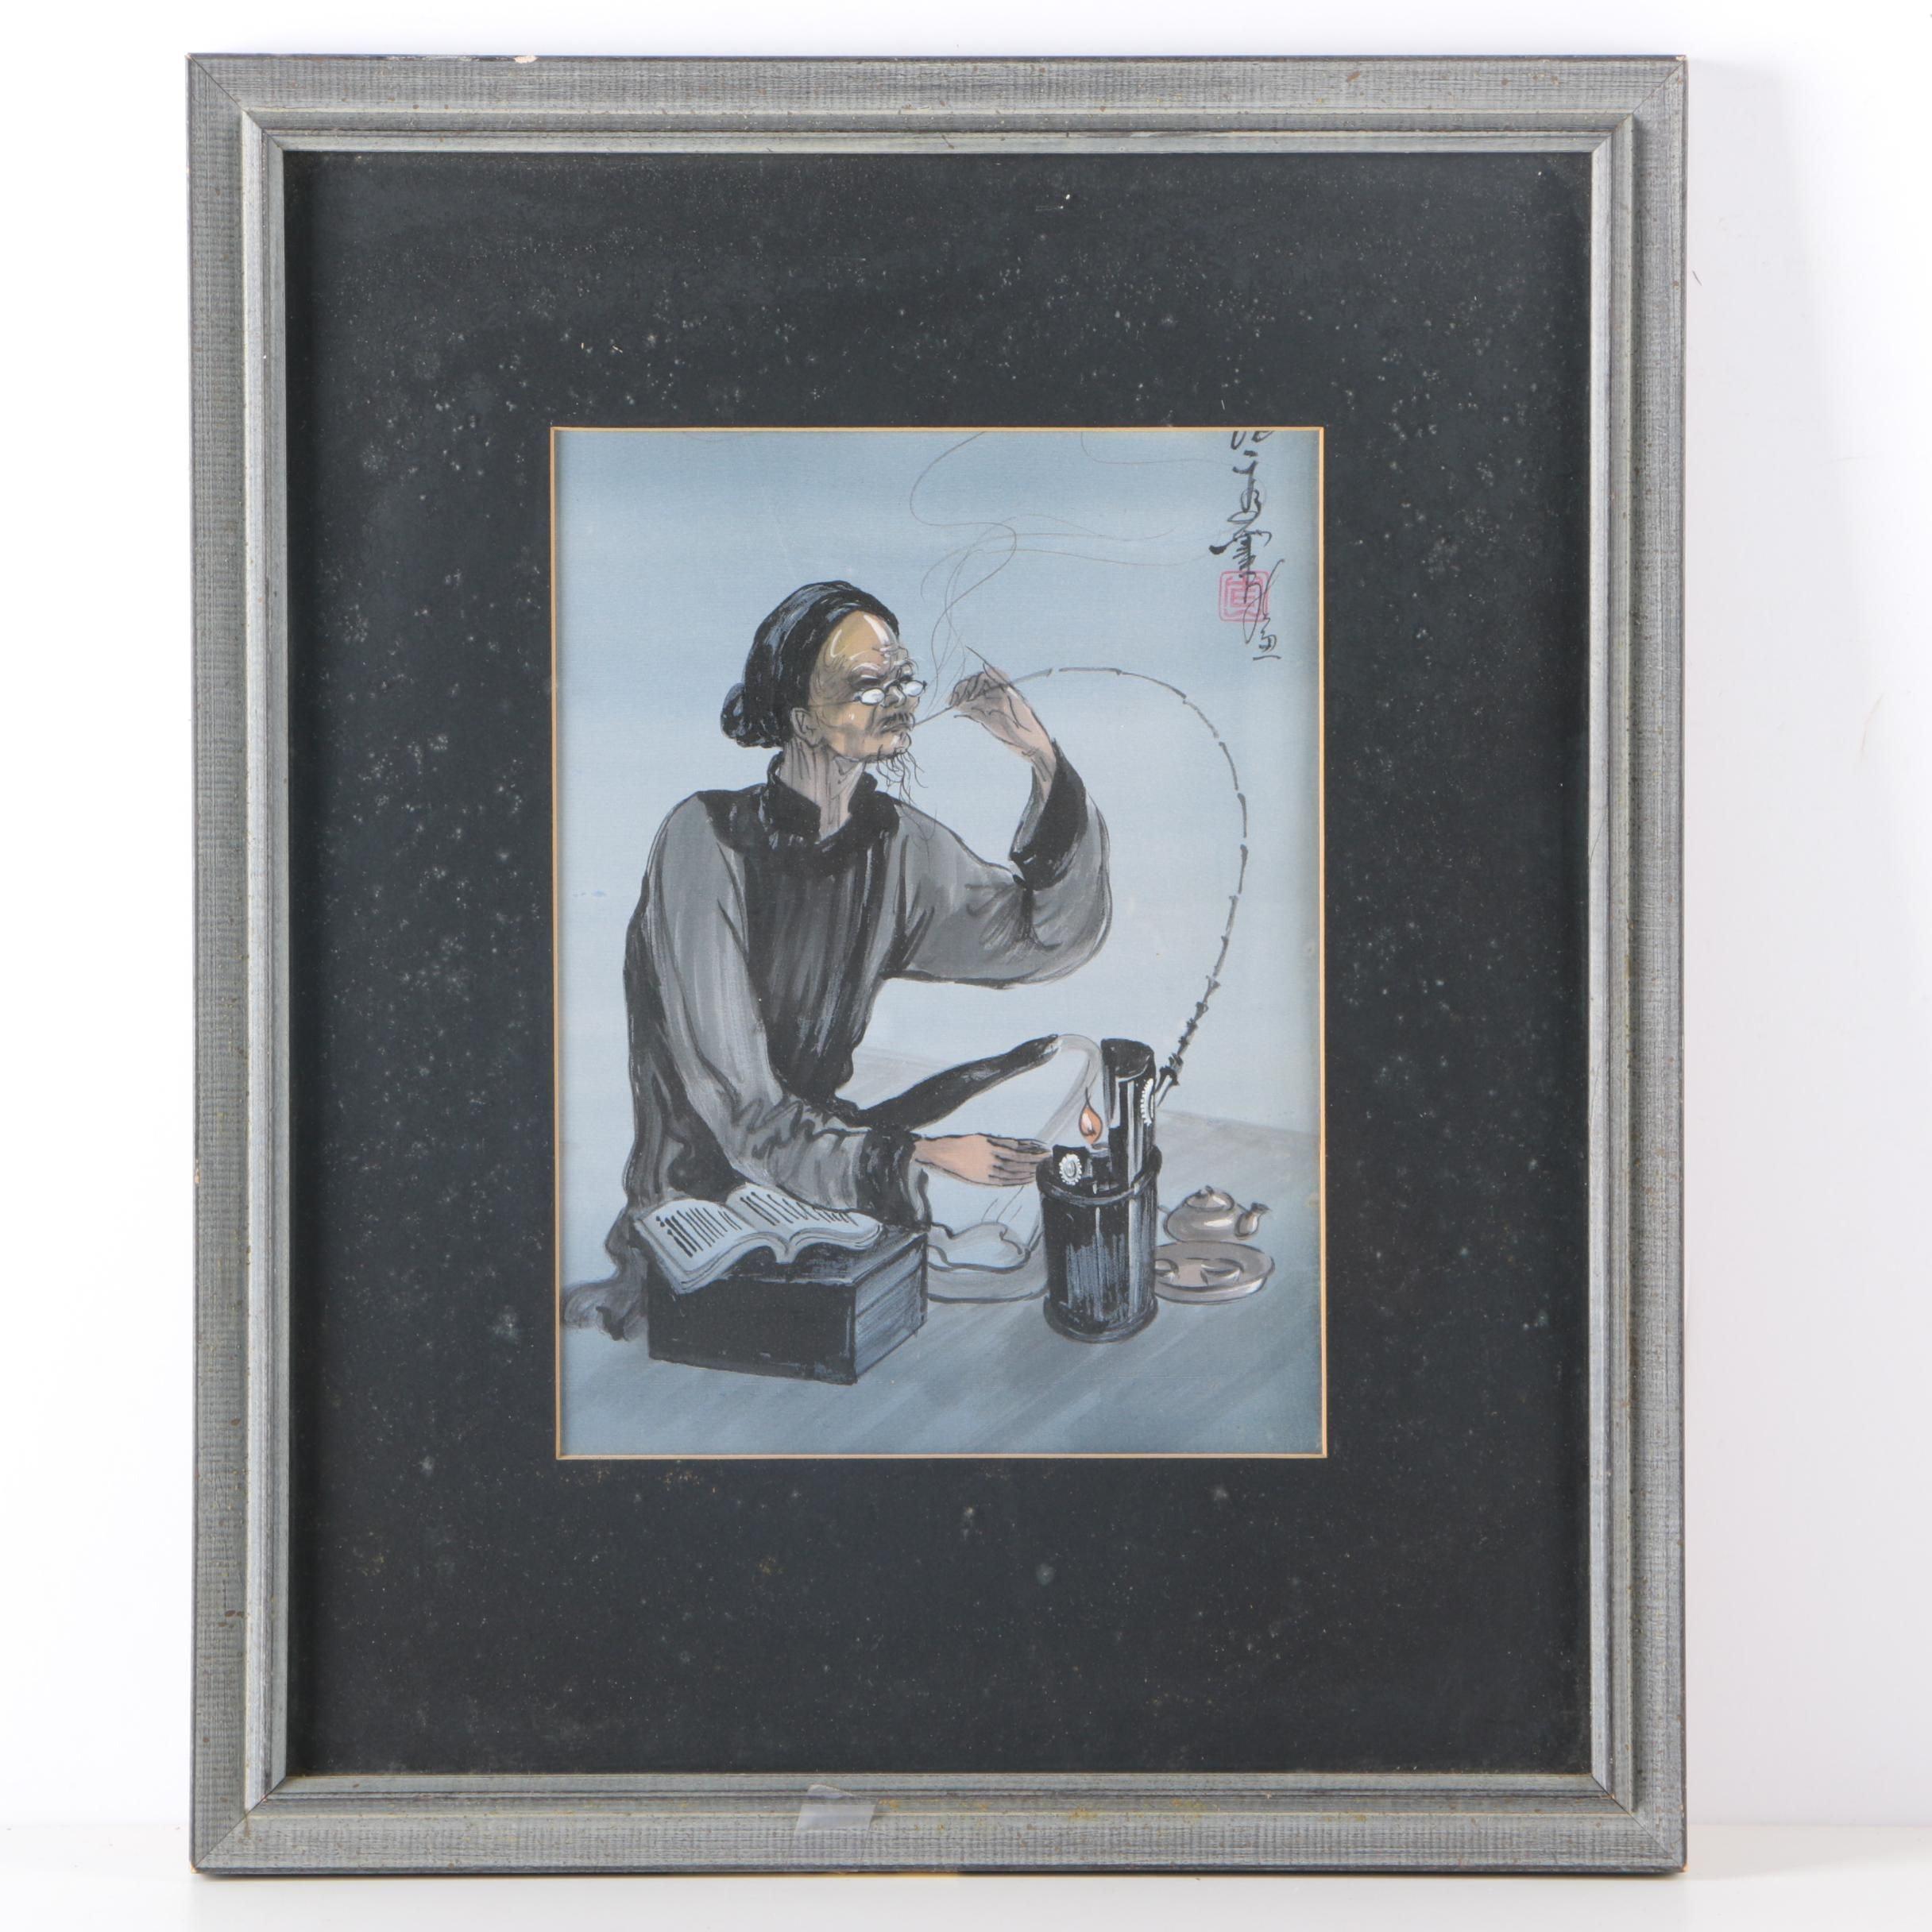 East Asian Gouache on Silk of a Smoking Elder